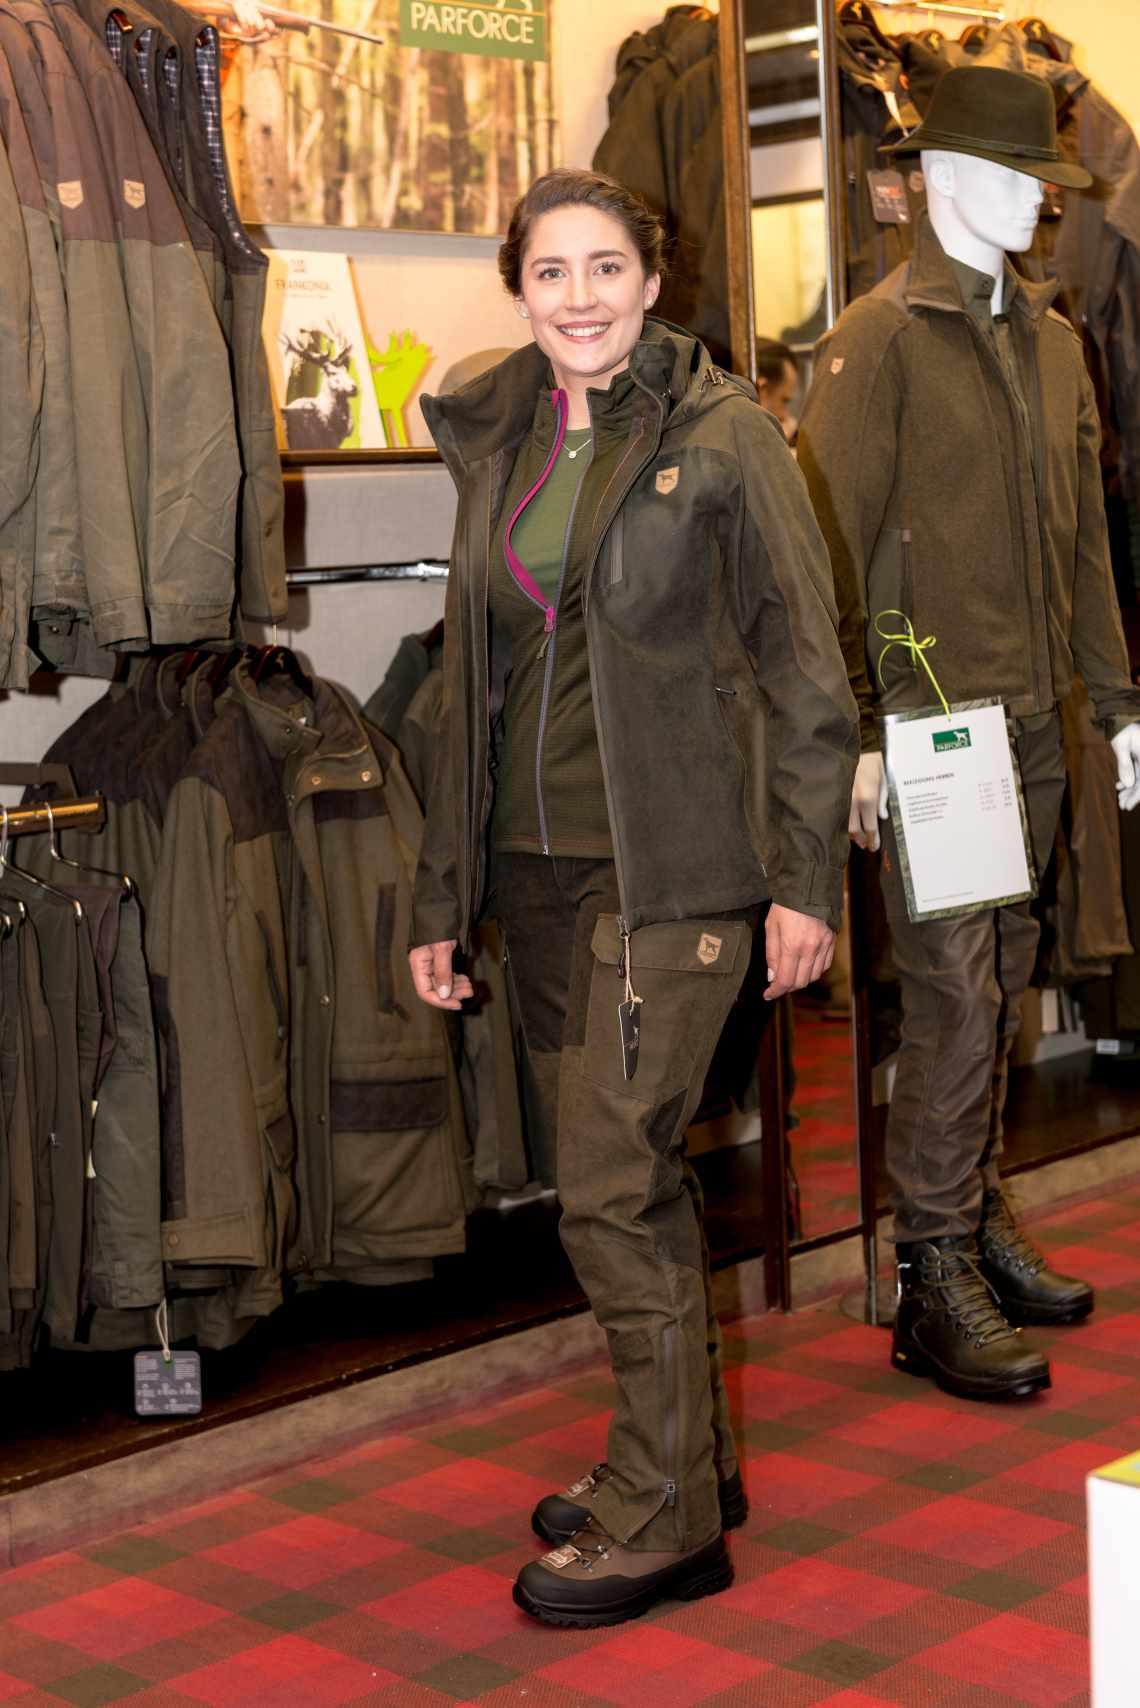 Bayerische Jagdkönigin im Parforce Outfit